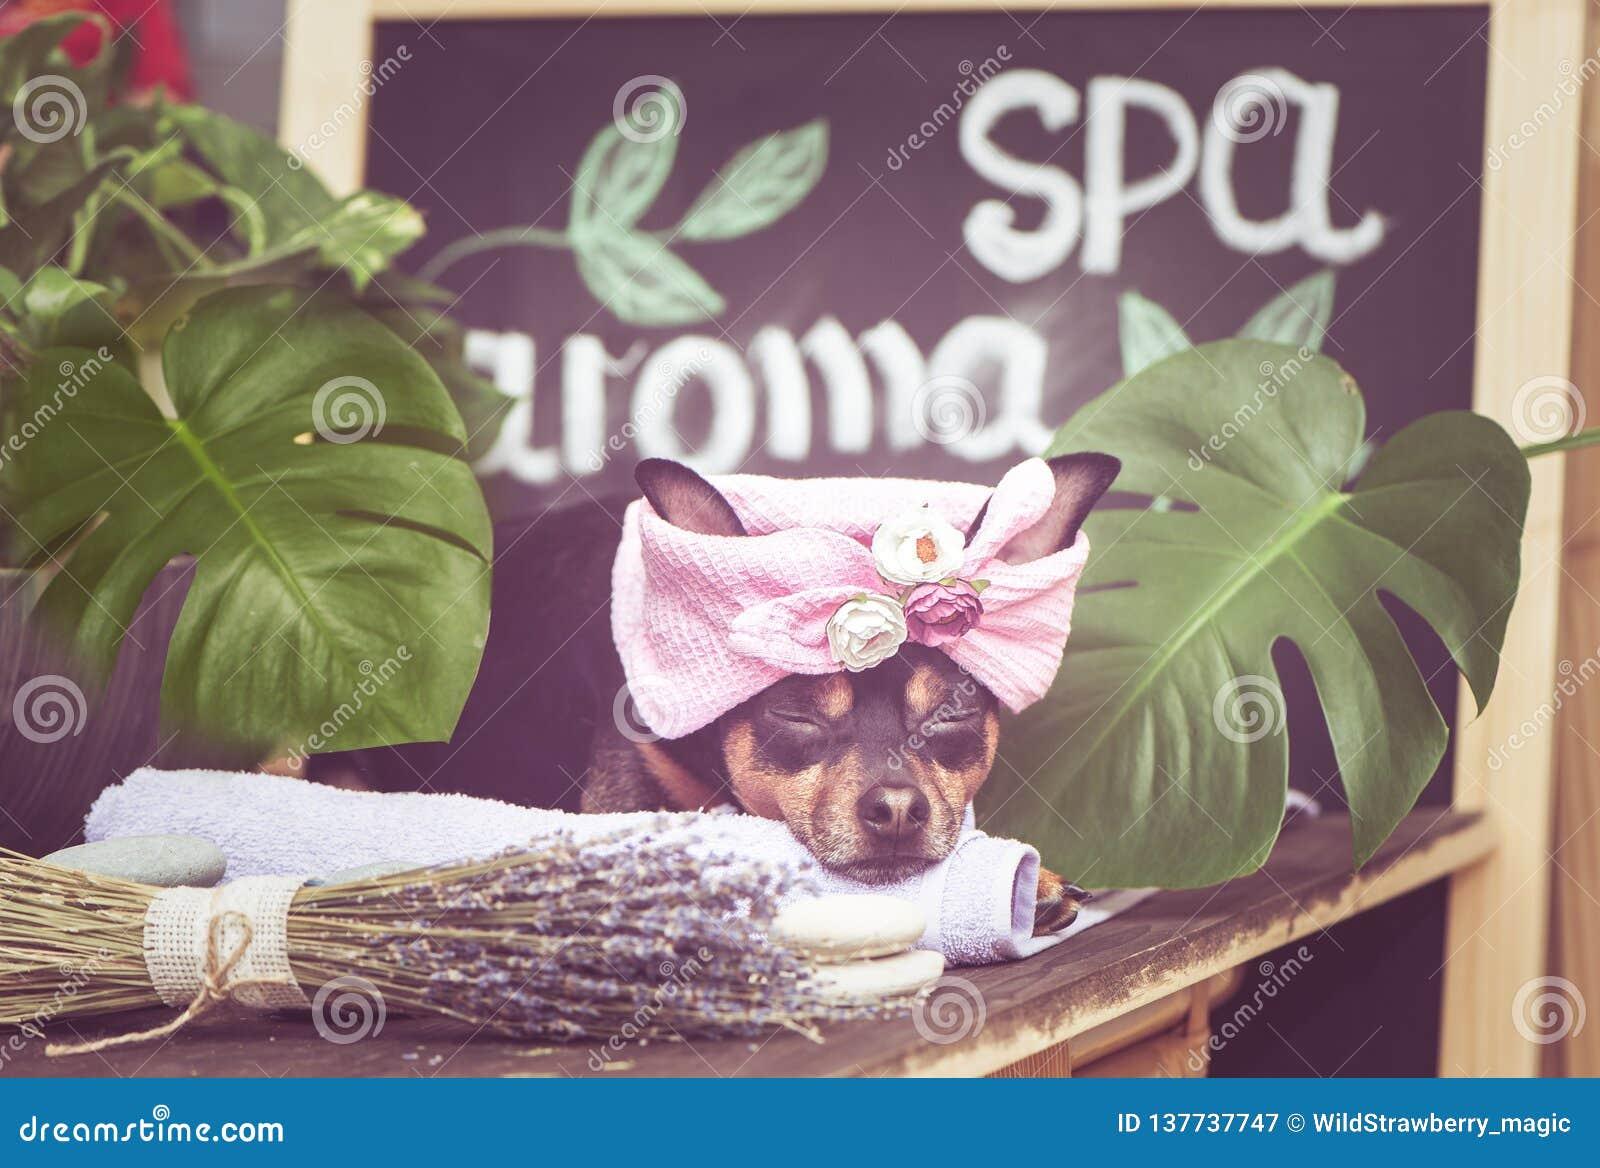 Массаж и спа, собака в тюрбане полотенца